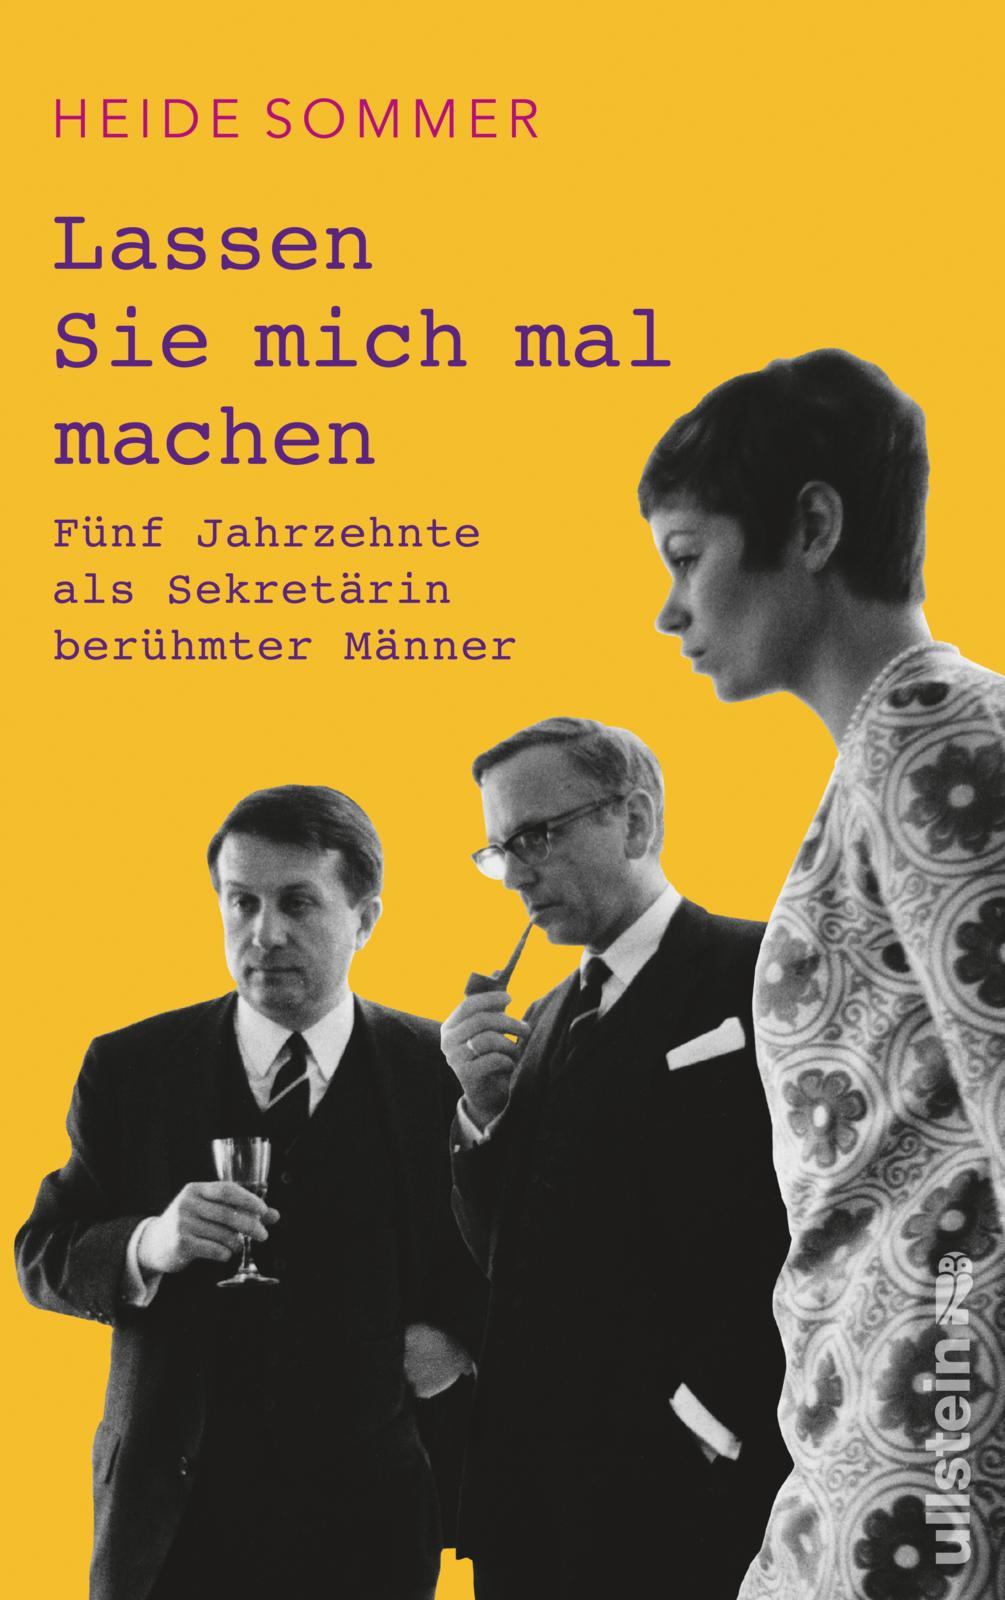 """Heide Sommer liest aus ihrem Buch """"Lassen Sie mich mal machen"""""""